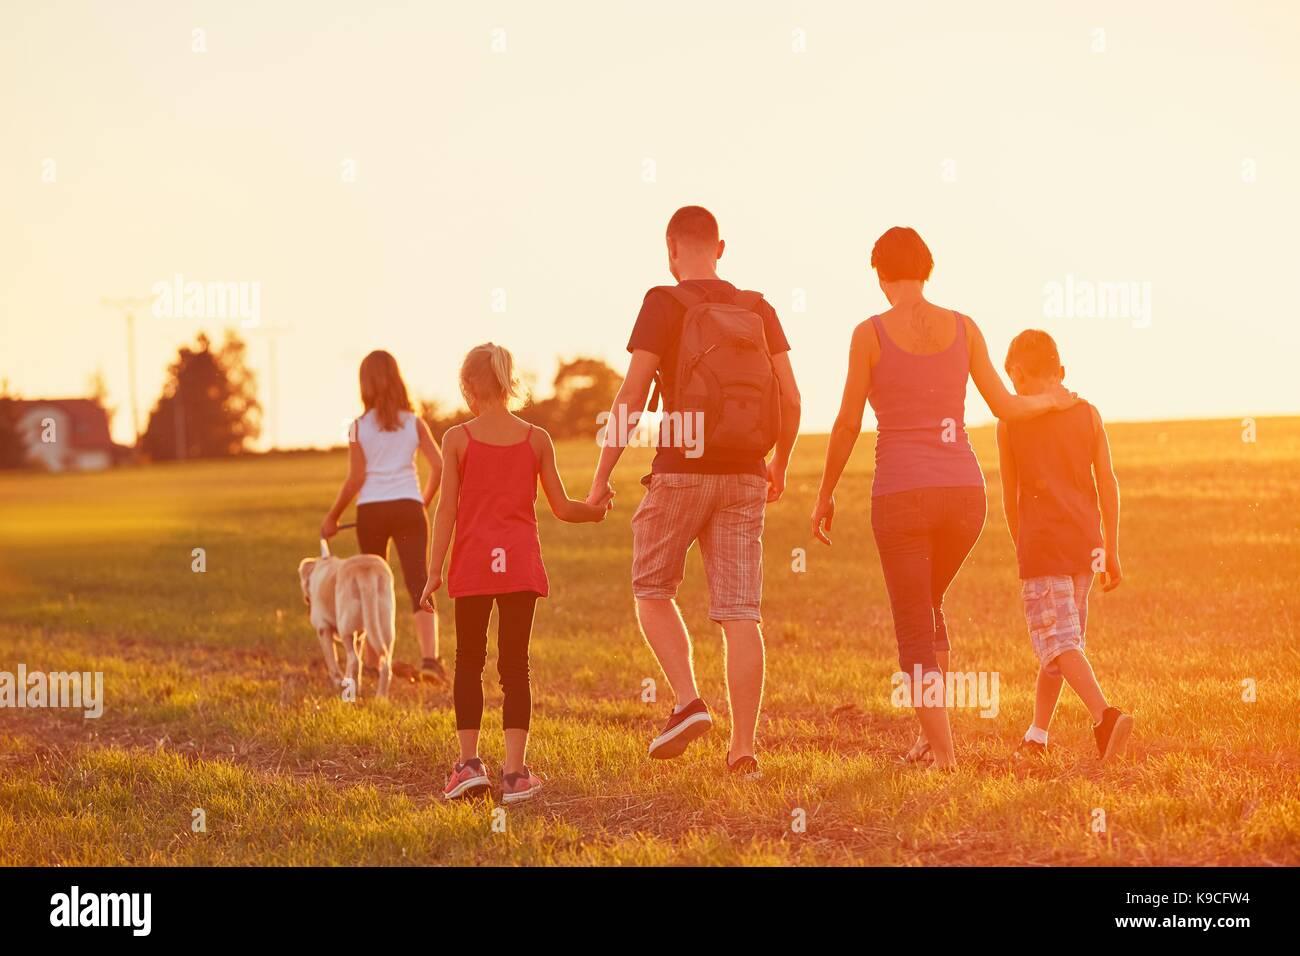 Sommer auf dem Land. Silhouetten der Familie mit Hund auf der Fahrt in den Sonnenuntergang. Stockbild